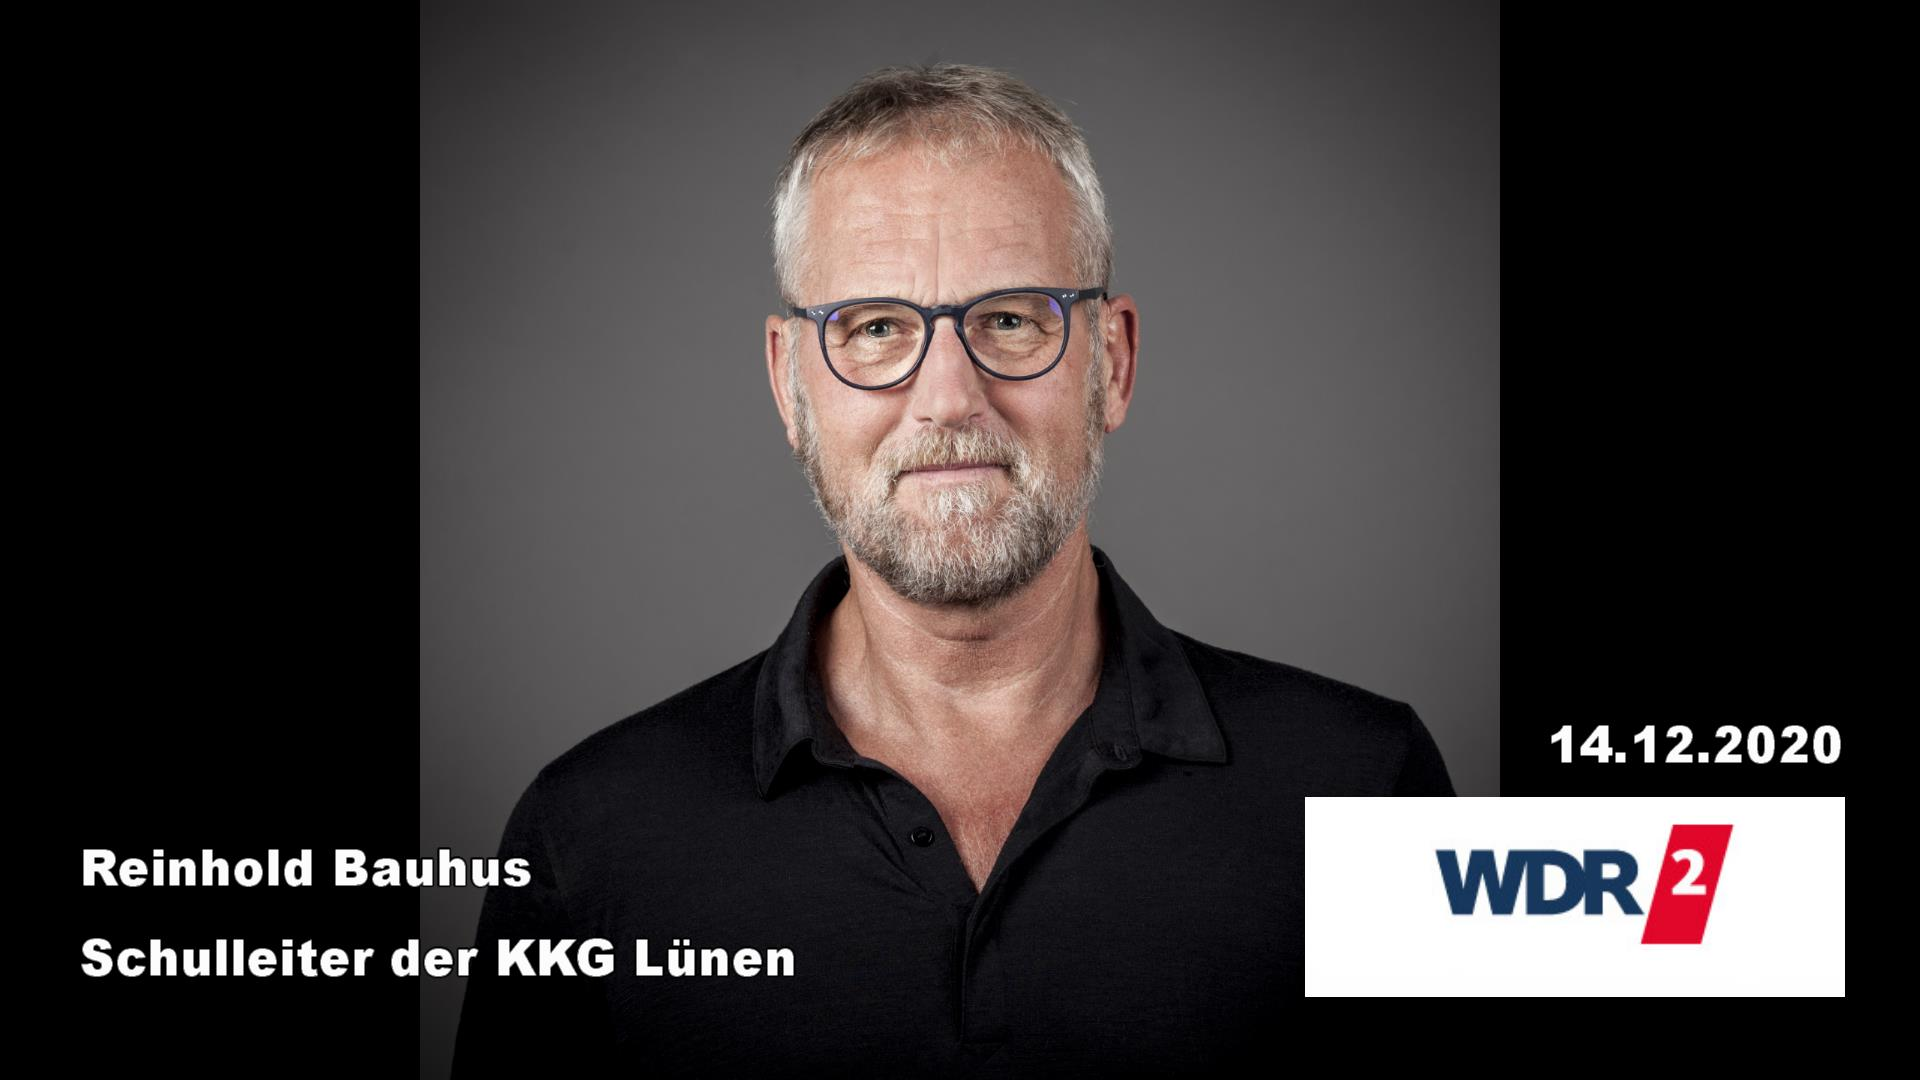 Interviews mit Schulleiter Reinhold Bauhus heute in WDR 2 und WDR 5